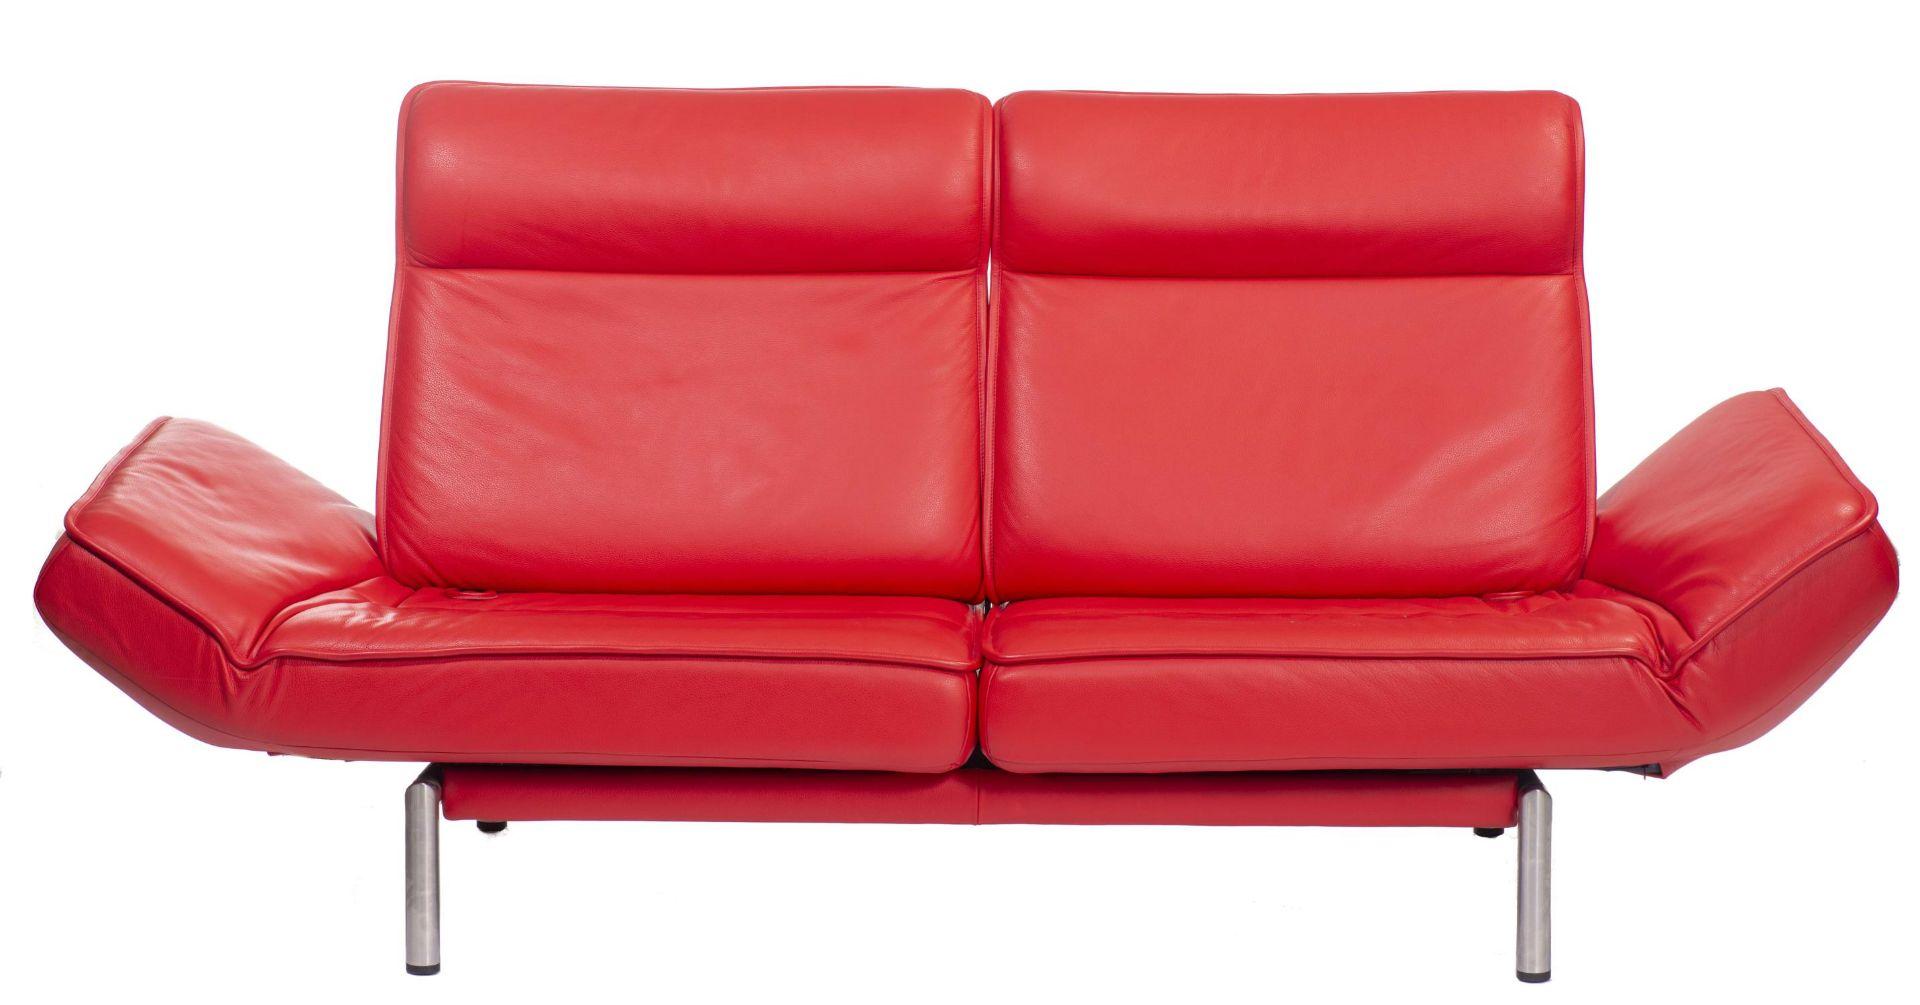 Thomas Althaus, canapé de Sède, modèle ds-450